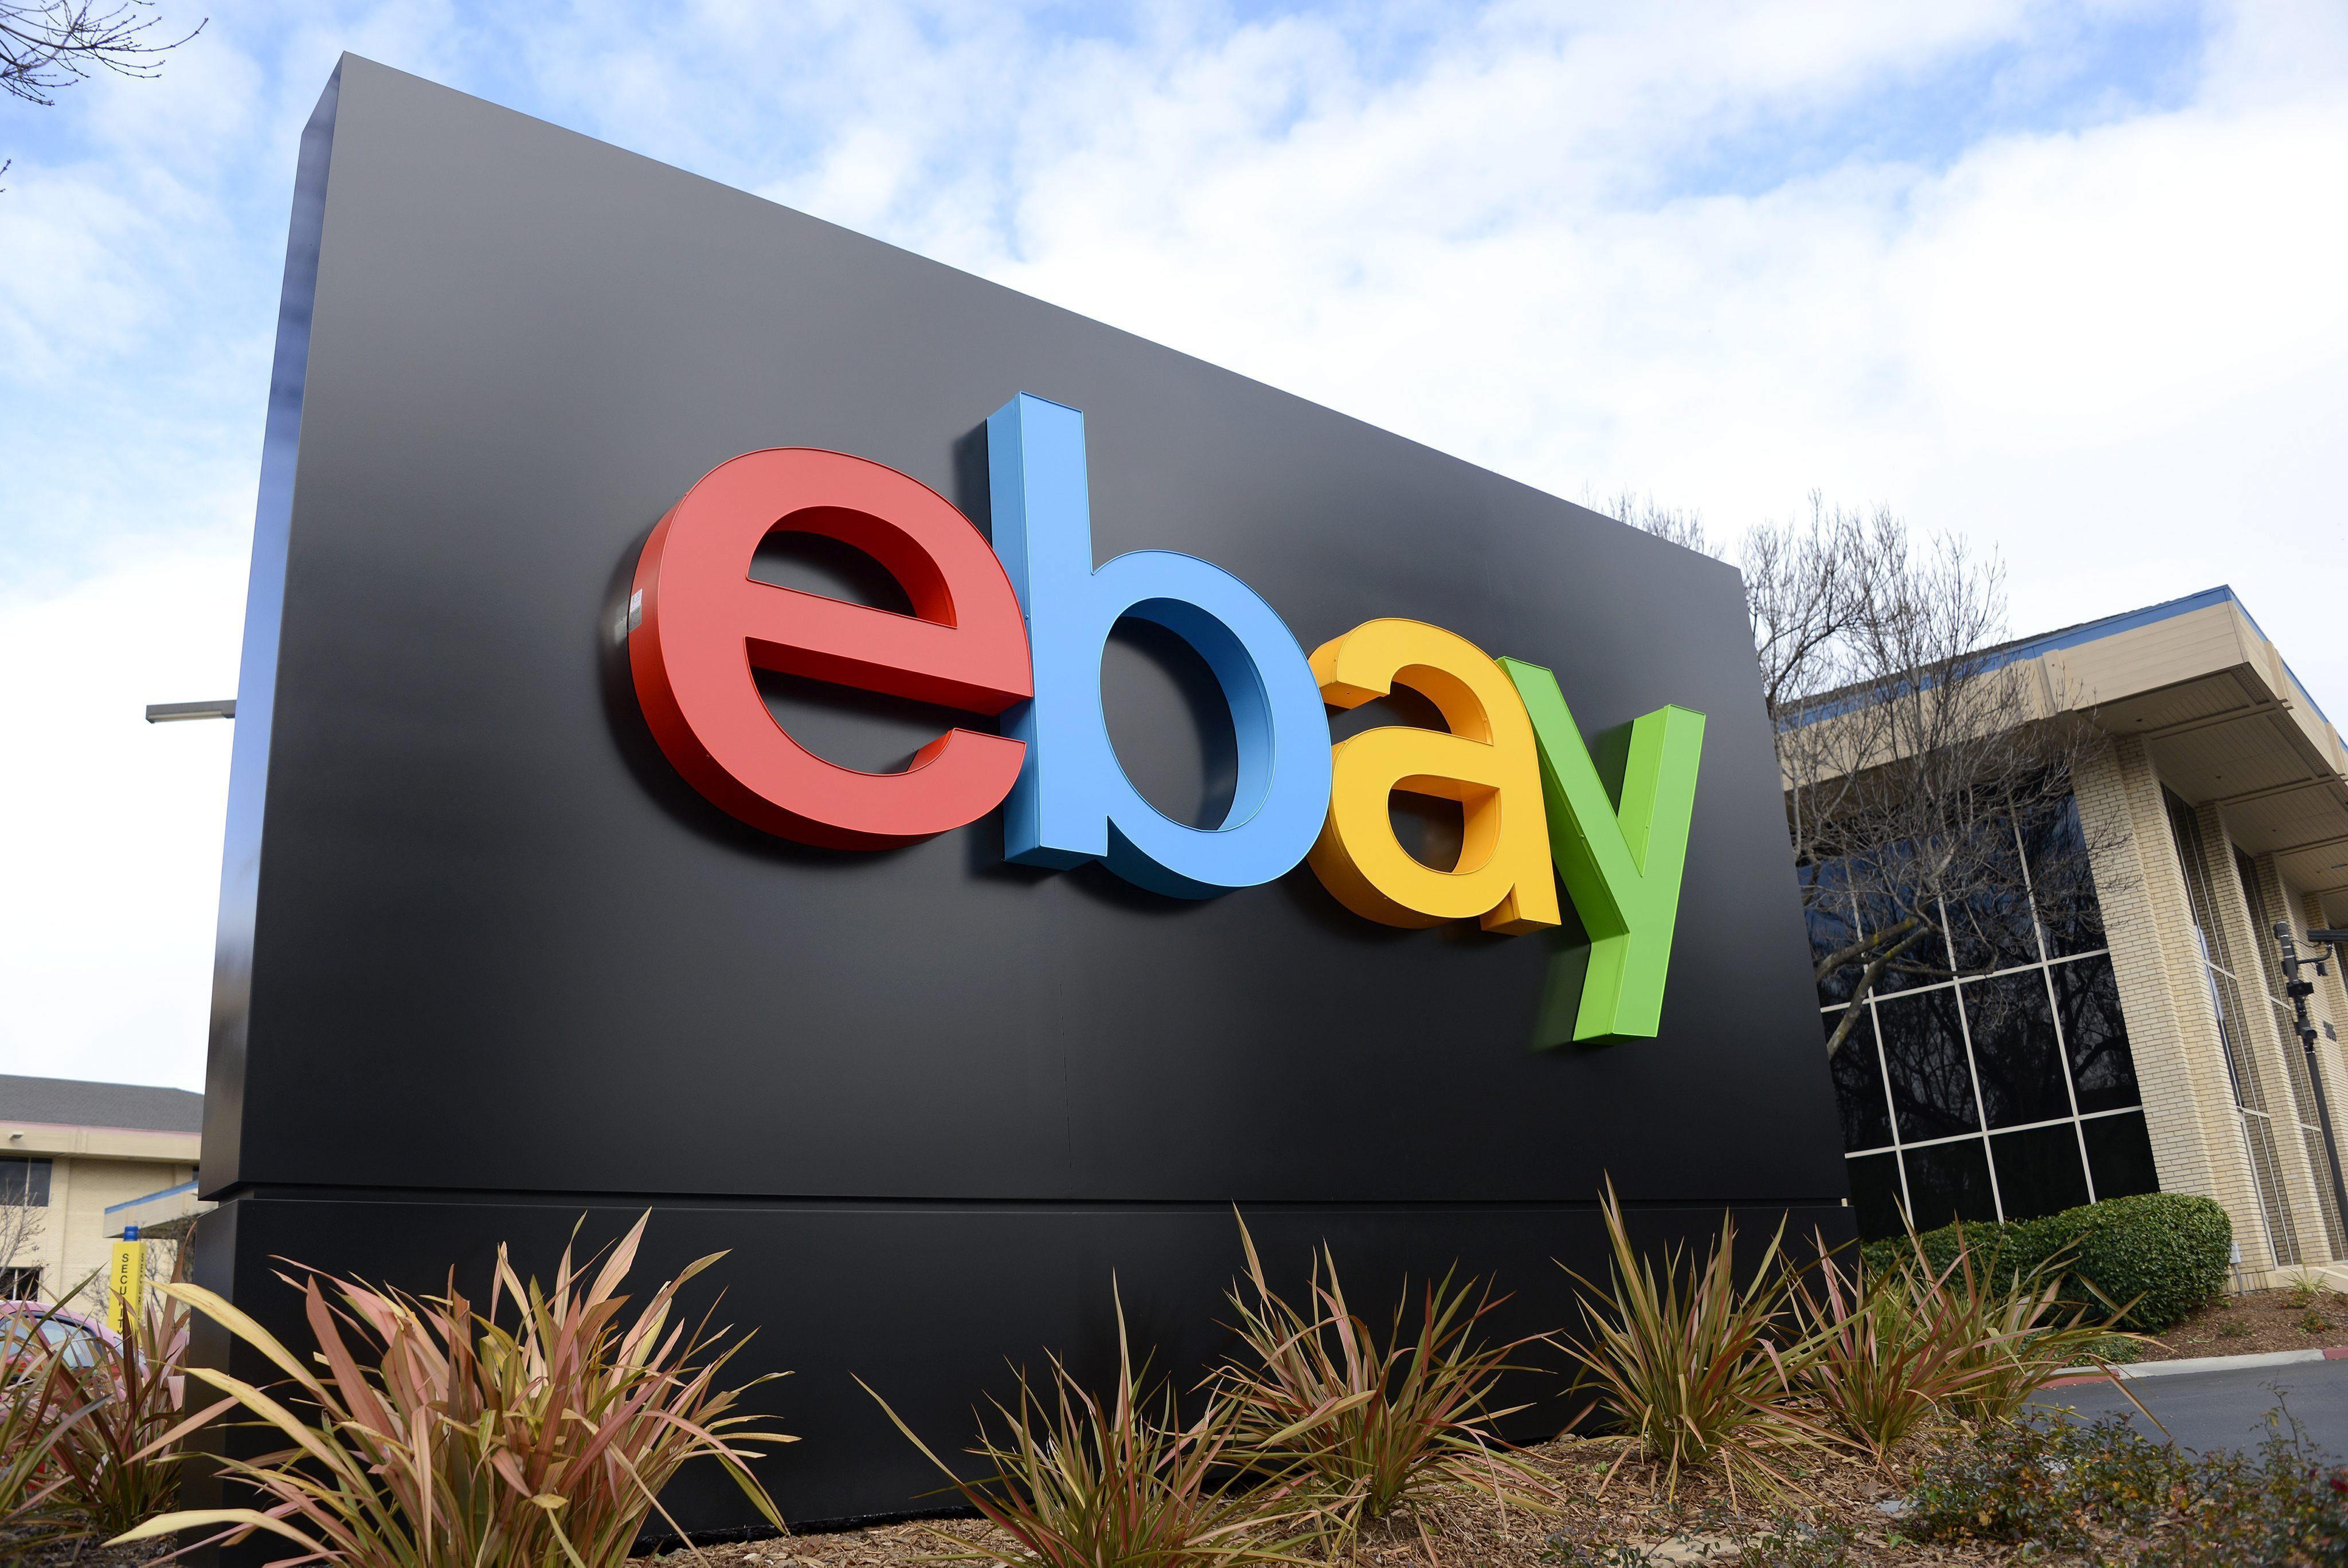 El beneficio neto de eBay aumenta un 15 por ciento en el tercer trimestre del año